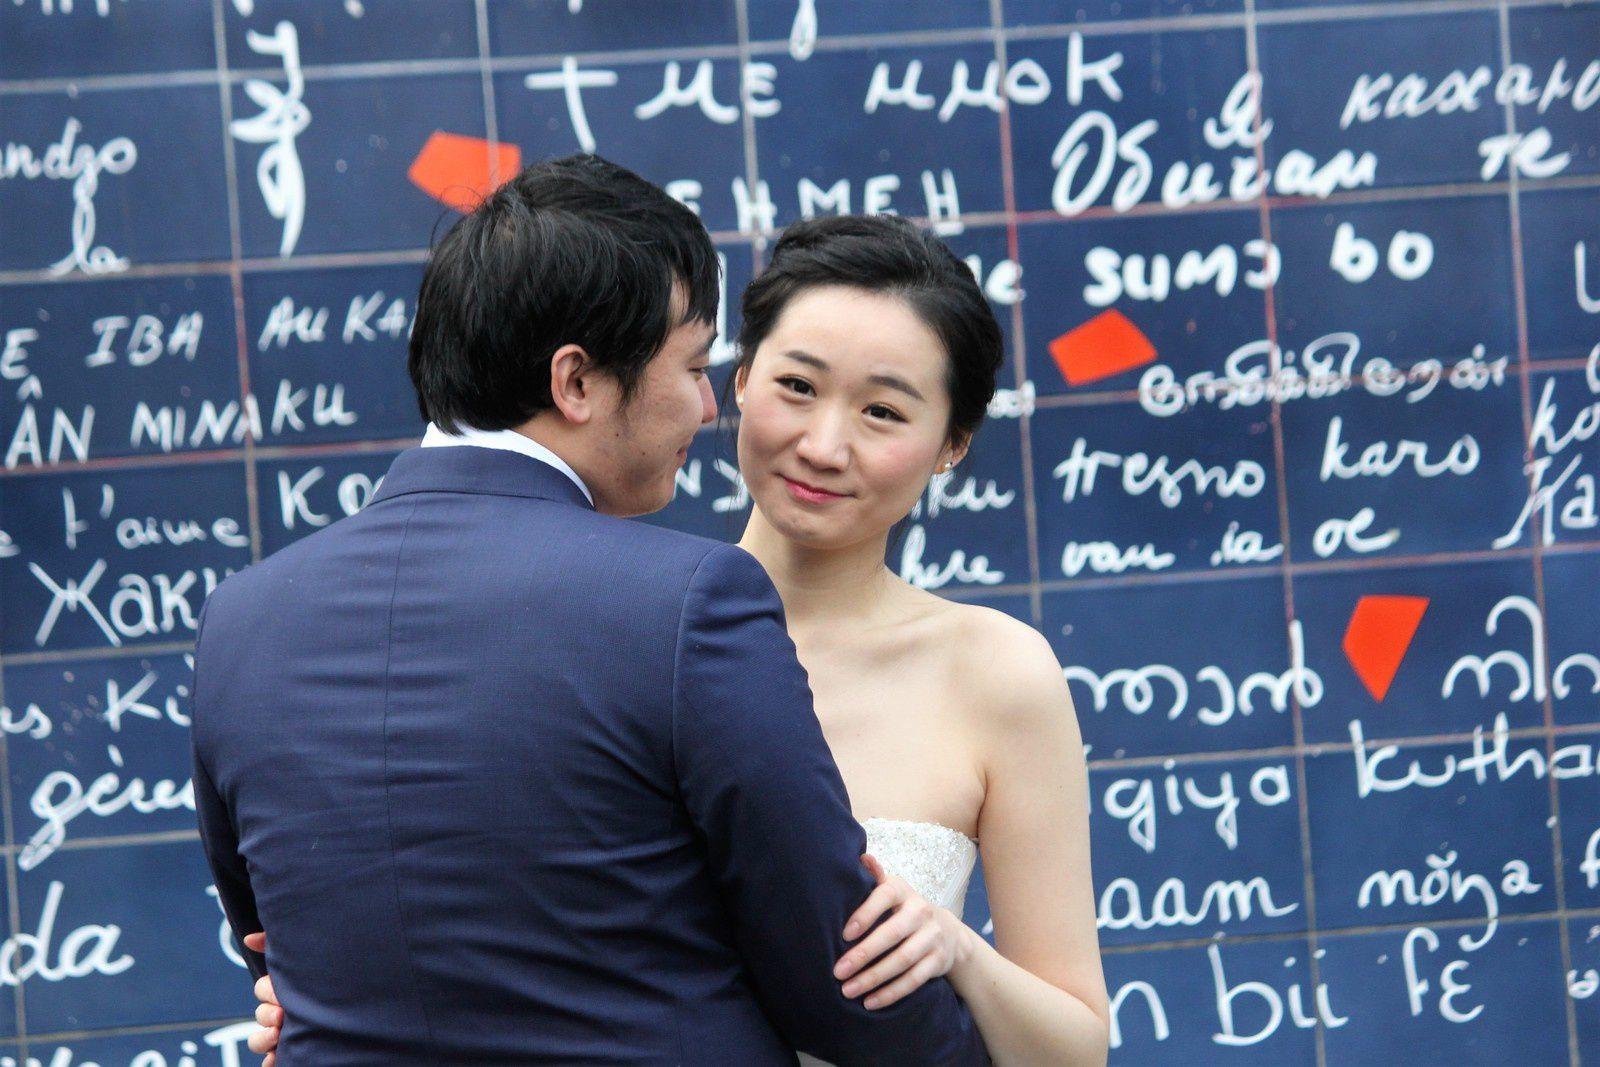 """Janvier 2017. Square Jehan-Rictus. Mur des """"Je t'aime"""". La mariée a très froid mais elle sourit."""